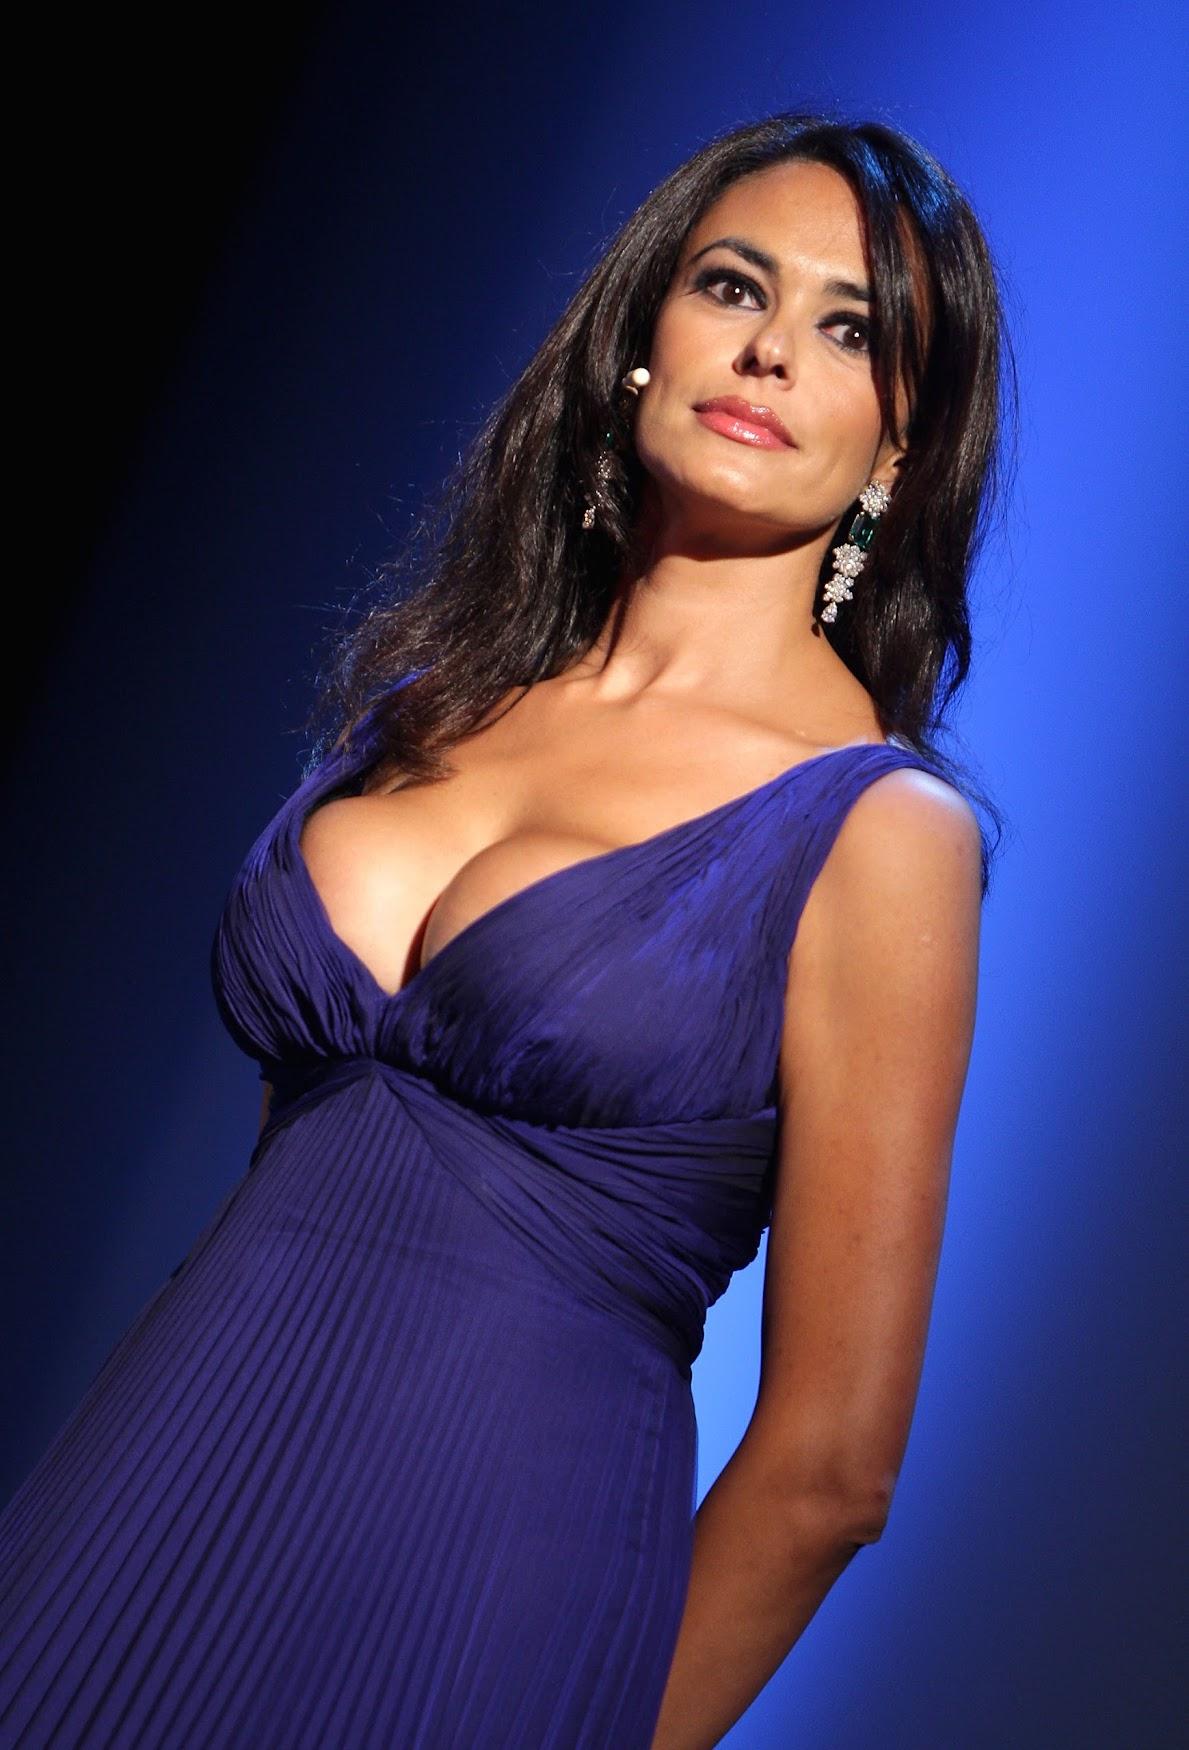 http://3.bp.blogspot.com/-FVvbRFN0GLw/TayG6ItJLjI/AAAAAAAAALE/b4SU5YSyVQM/s1750/25366_Maria_Grazia_Cucinotta_004_122_534lo.jpg